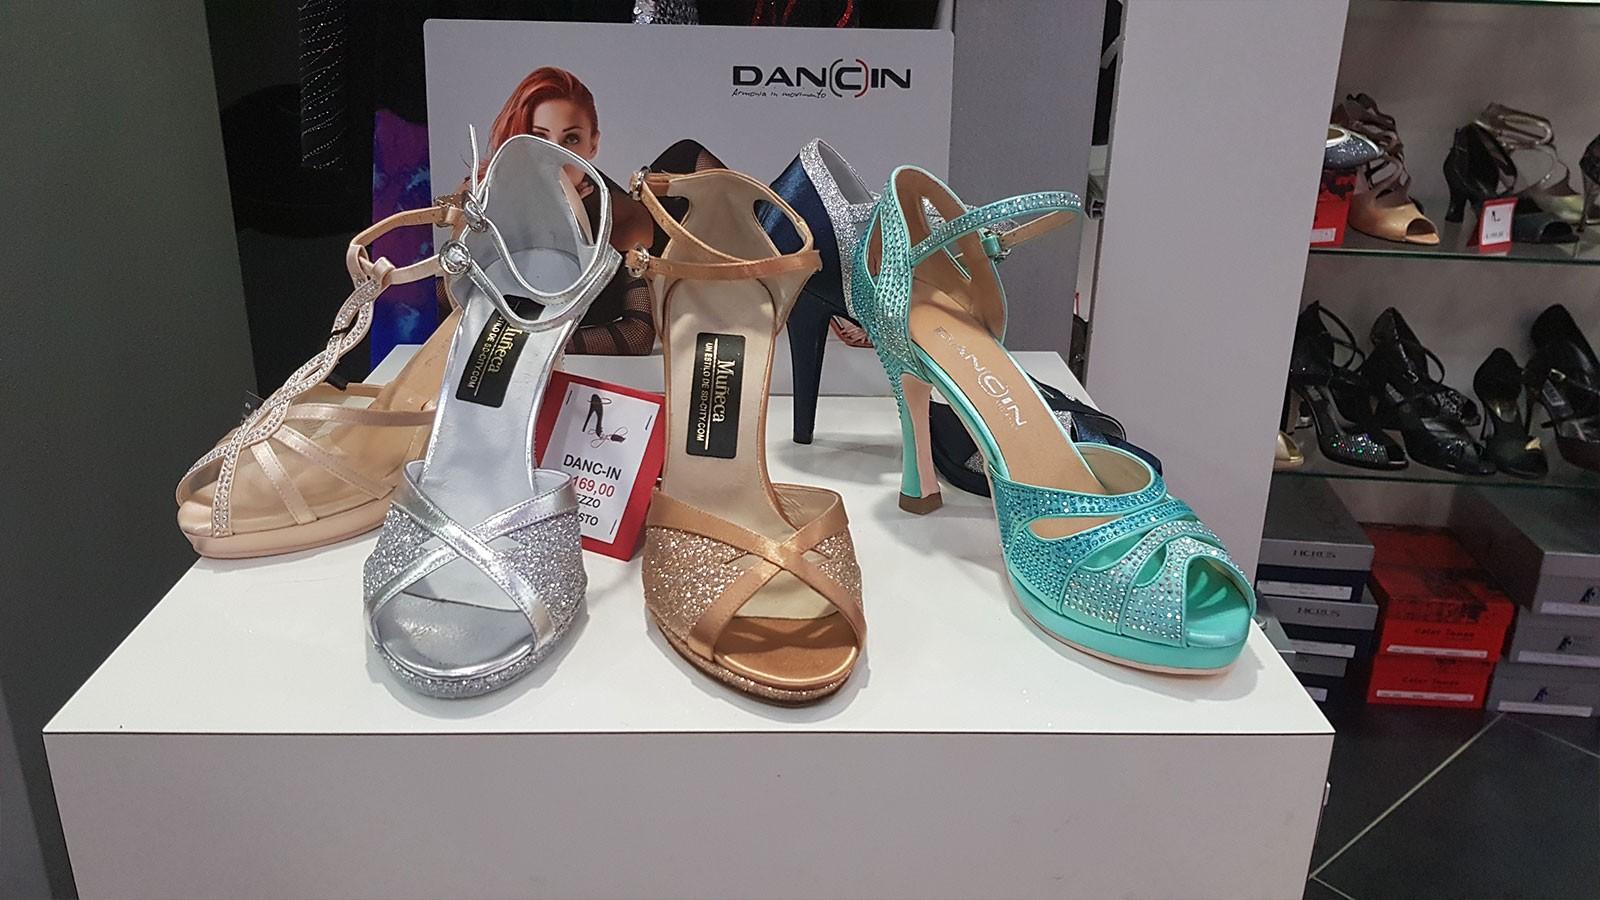 Angels scarpe da ballo Montichiari55